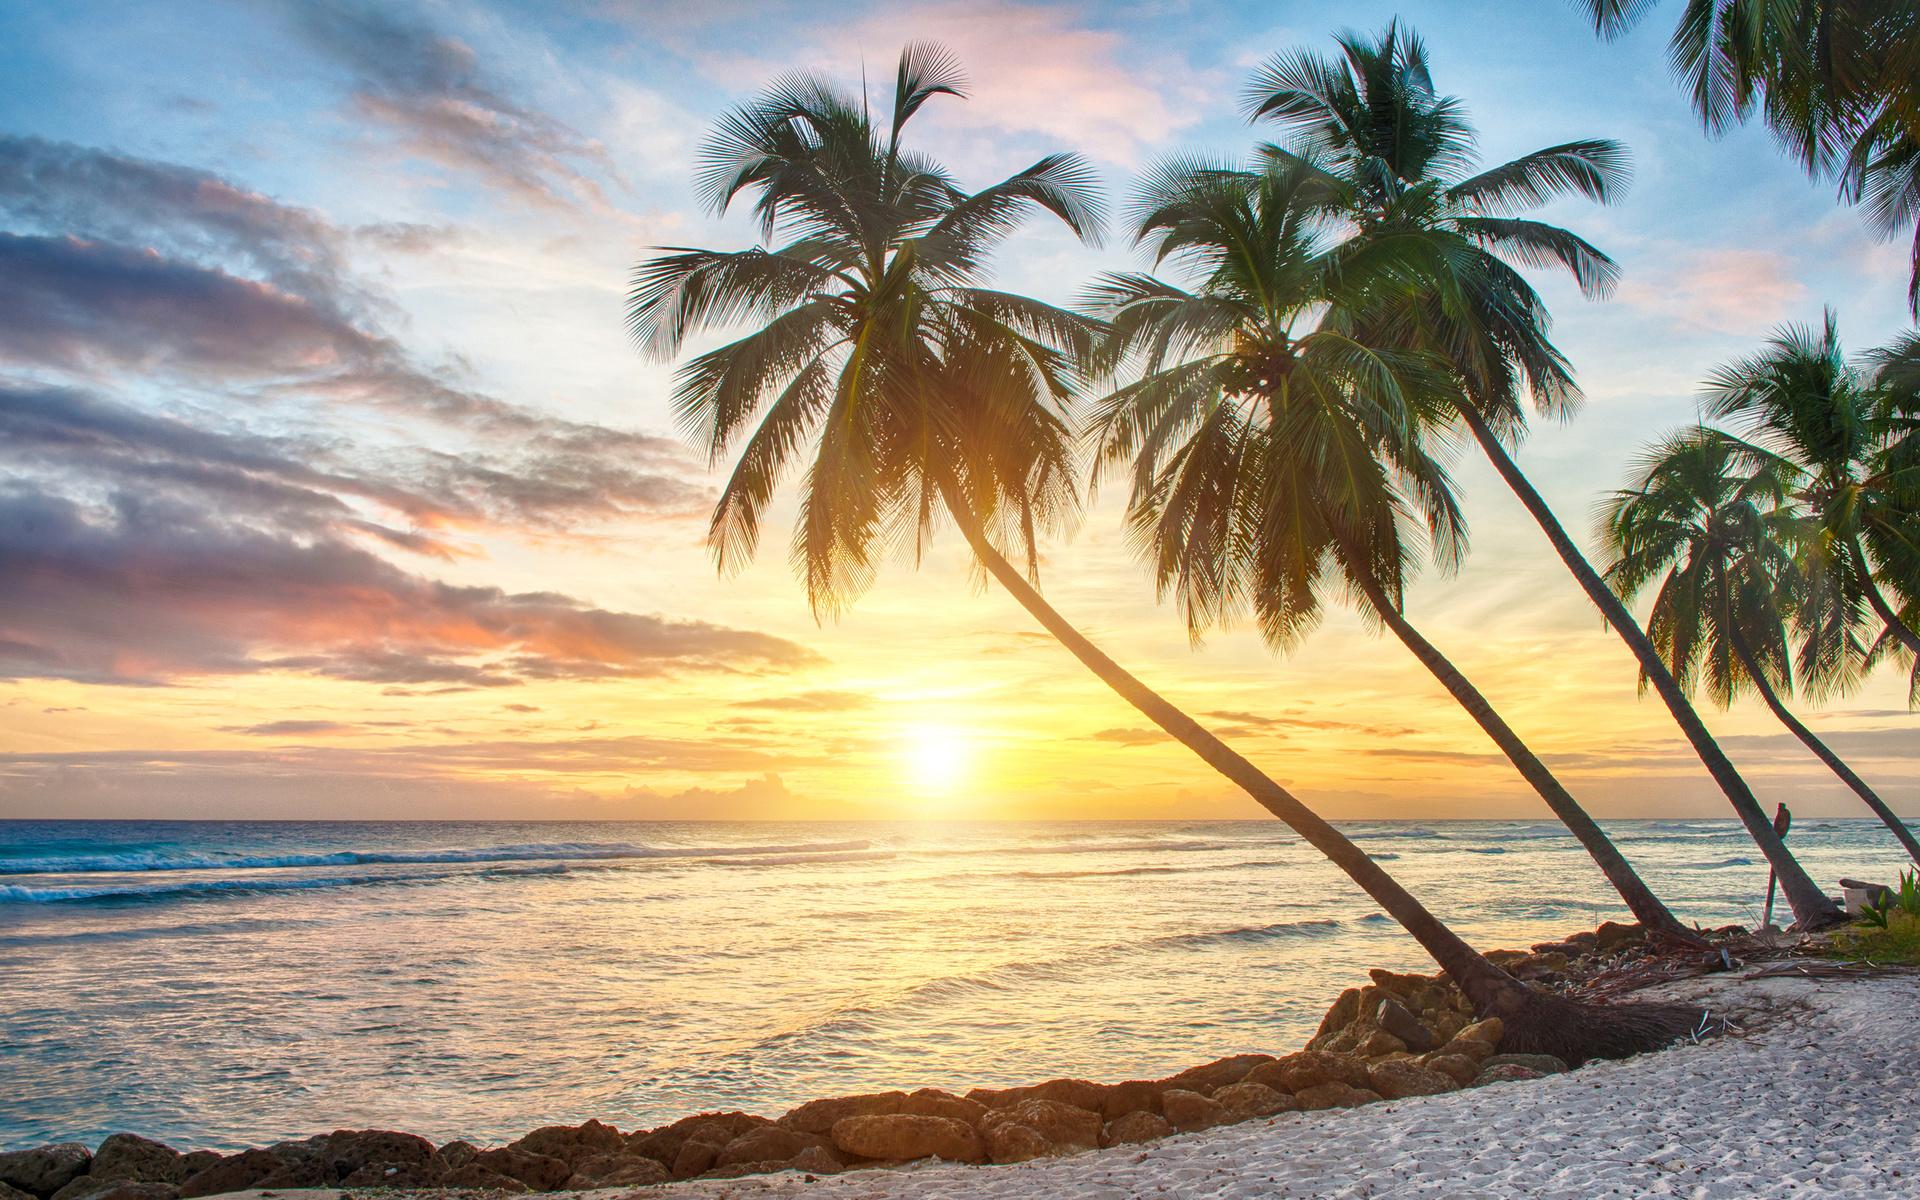 картинка на сотку пальмы море реку